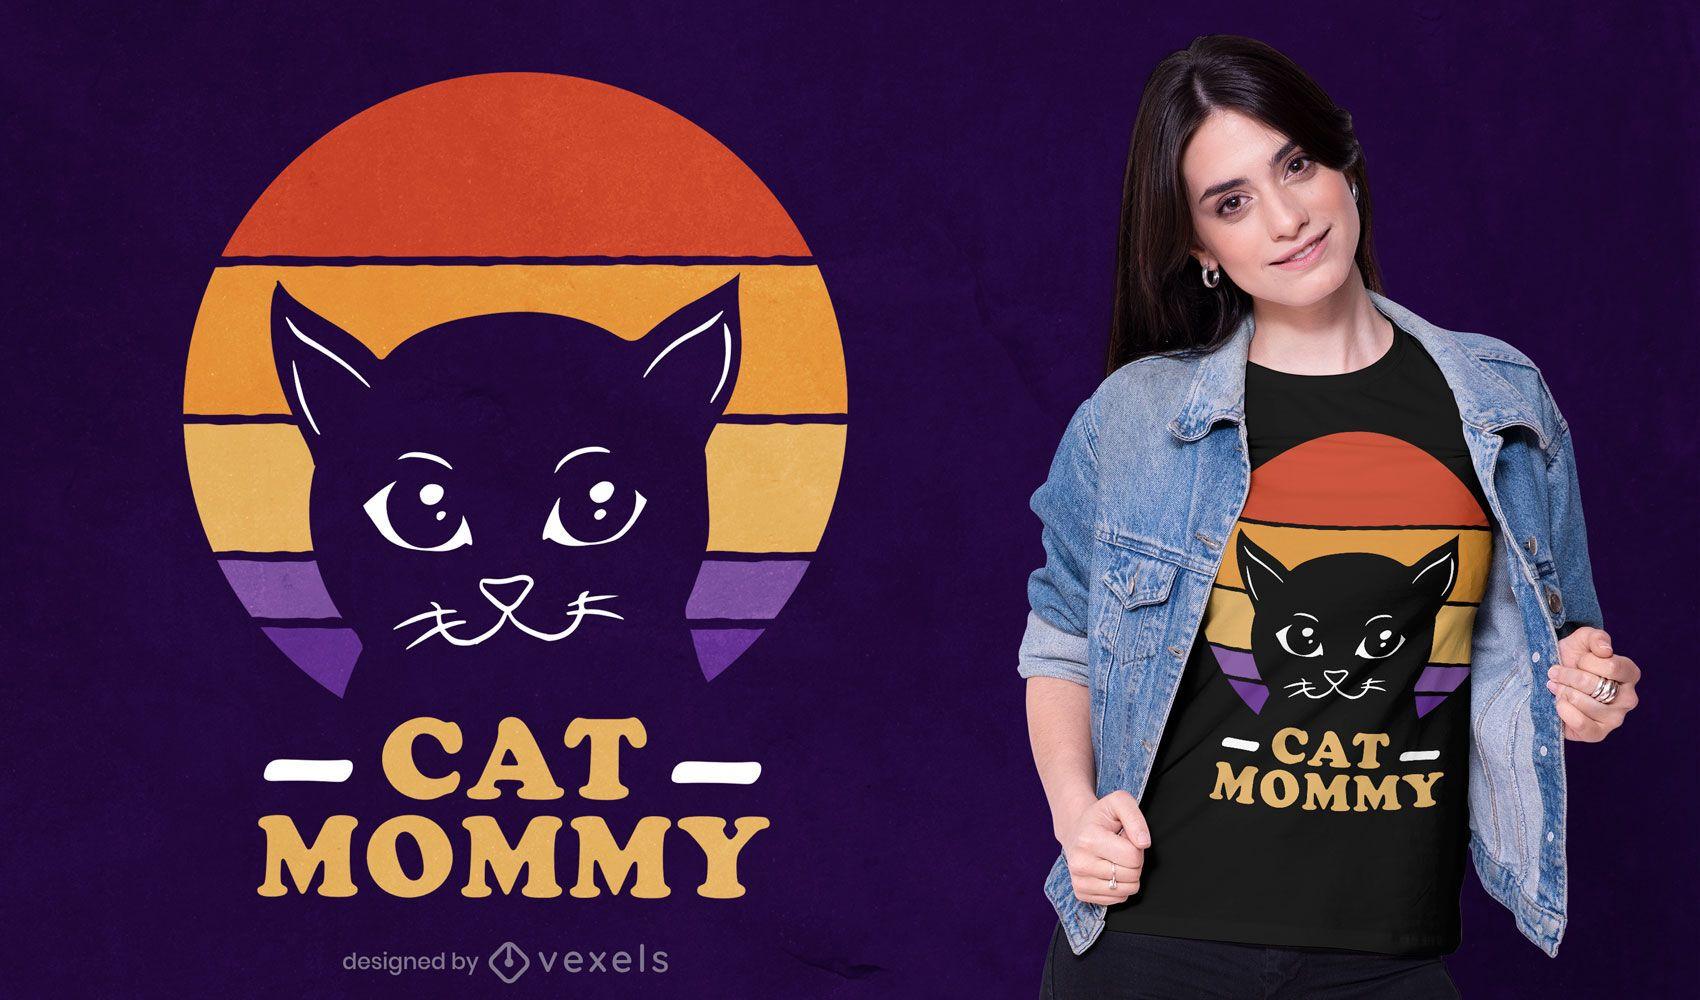 Dise?o de camiseta retro cat mommy